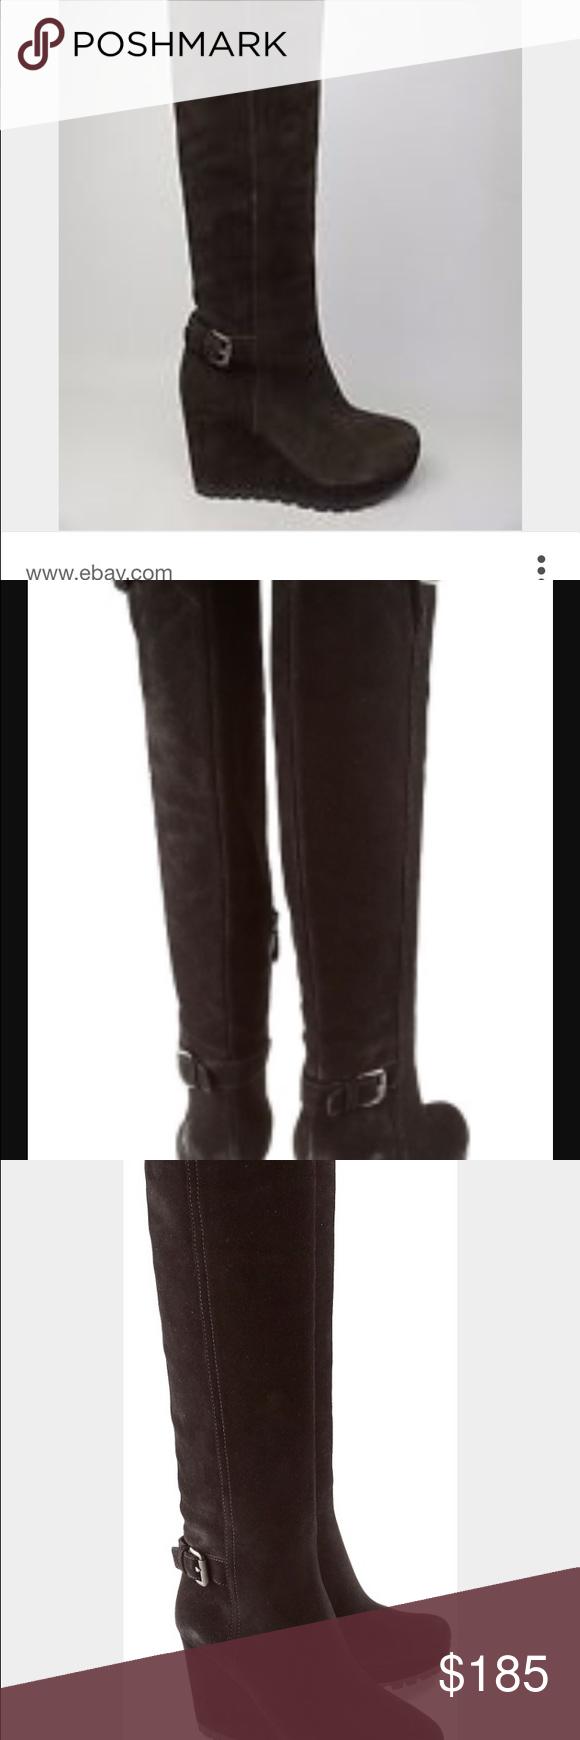 cc941da5e42 Prada black suede knee length wedge boots. Size 39 Prada Boots. Worn only a  few times. Black suede. Knee length. Buckle detailing. Wedge heal with  platform.